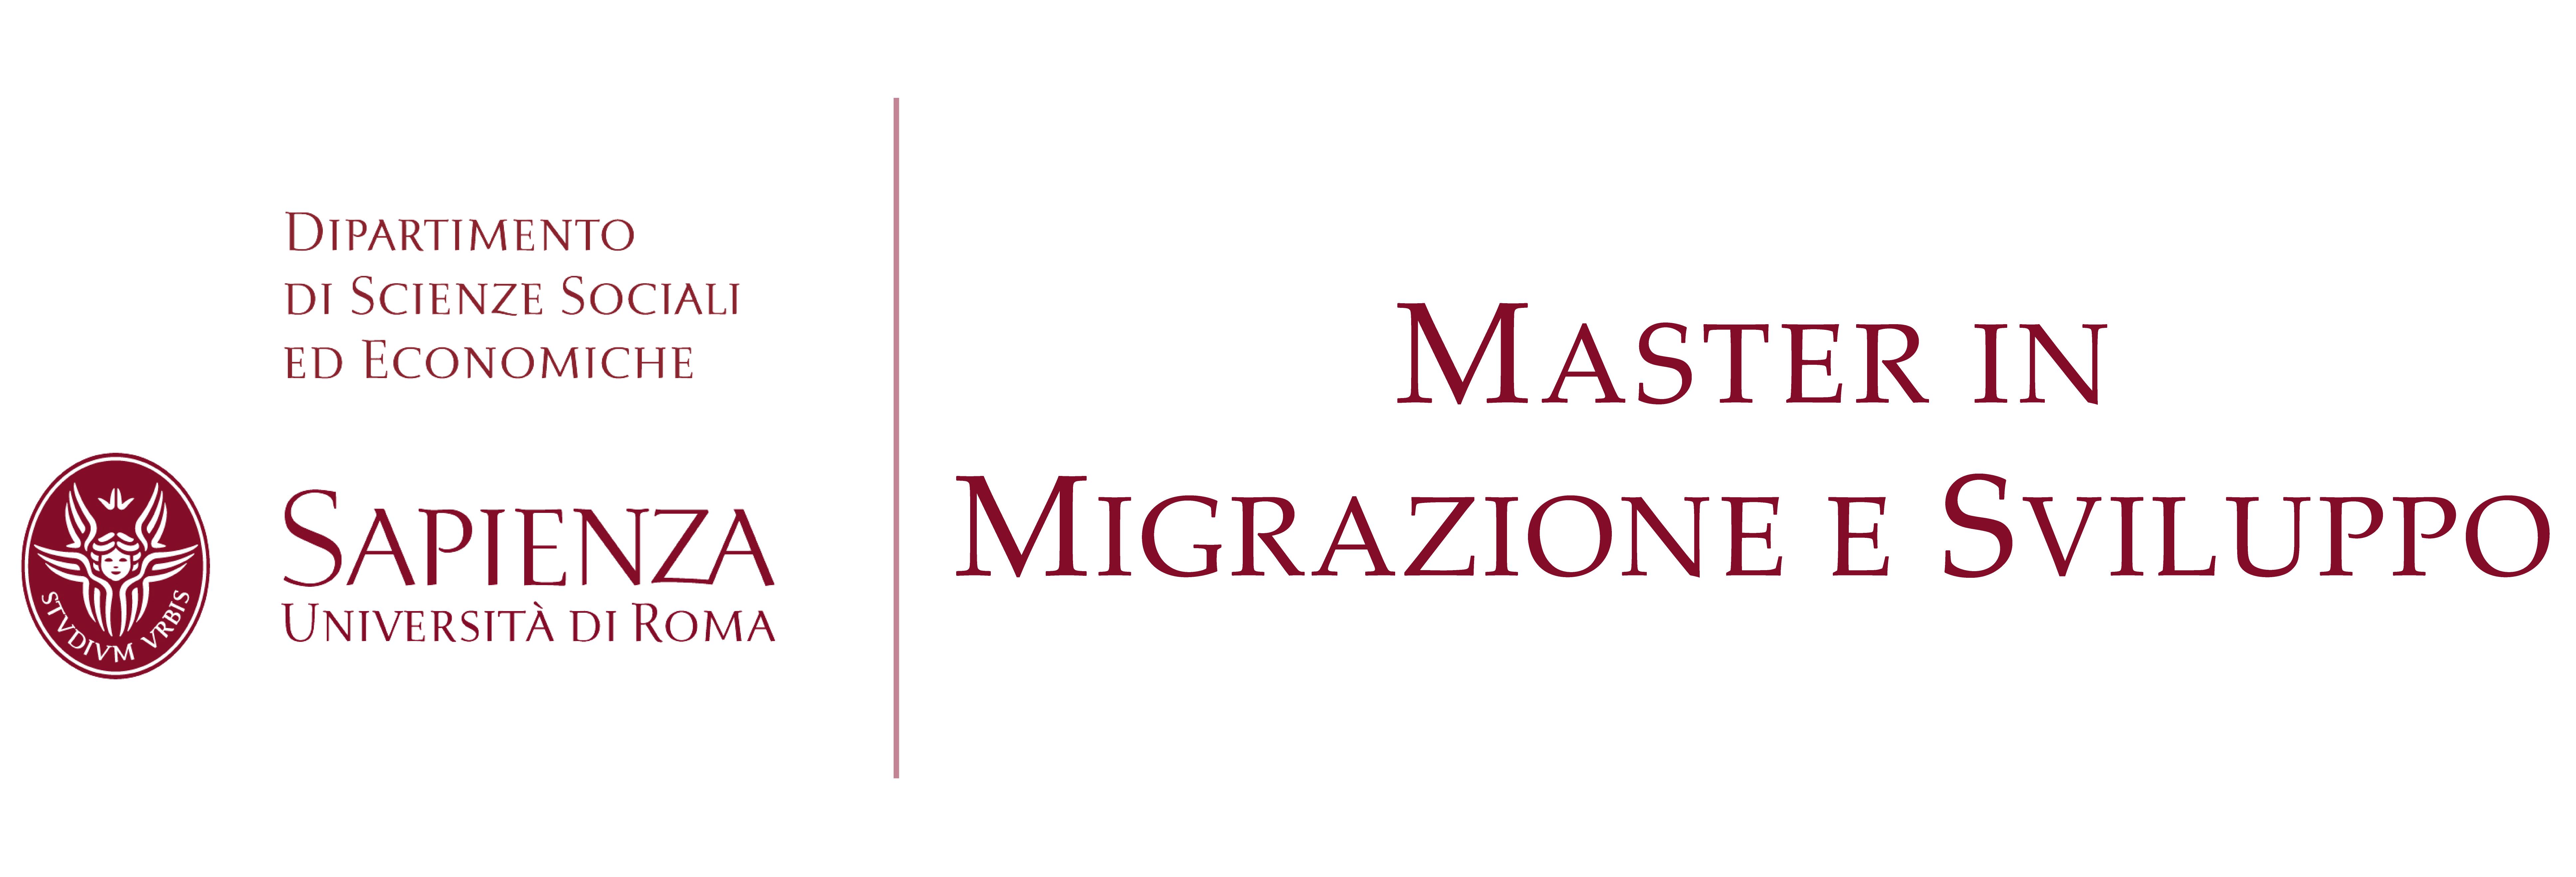 Master Migrazione e Sviluppo Sapienza